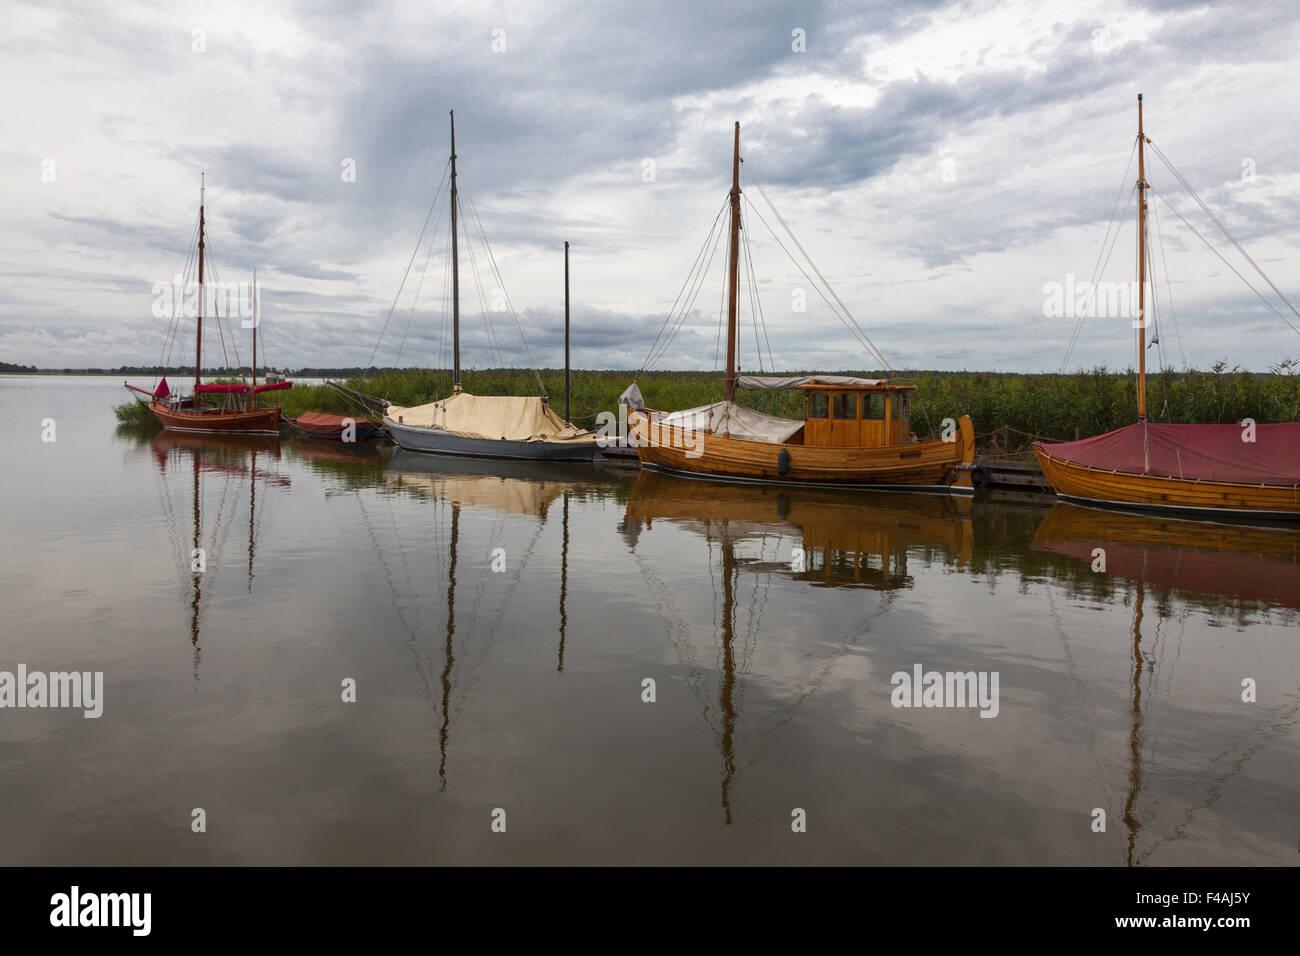 In the harbor of Wiek - Stock Image